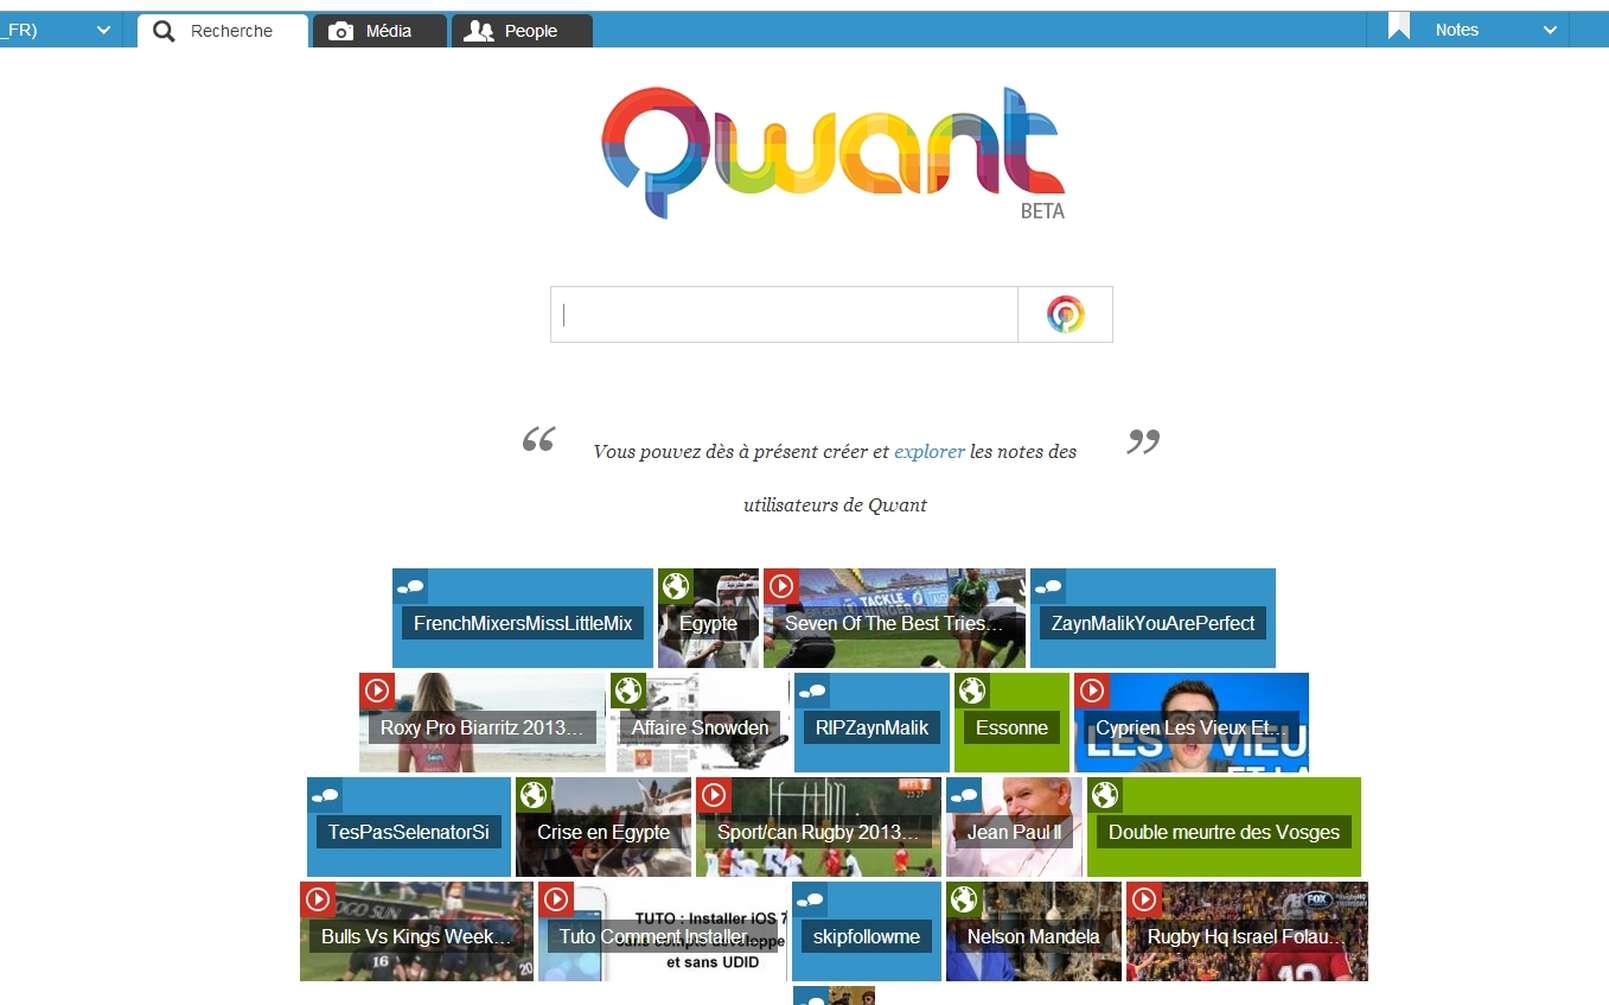 Depuis son lancement en février dernier, le moteur de recherche à la française Qwant aurait répondu à 225 millions de requêtes. 3,5 millions de visiteurs s'y connecteraient chaque mois. © Sylvain Biget / Futura-Sciences